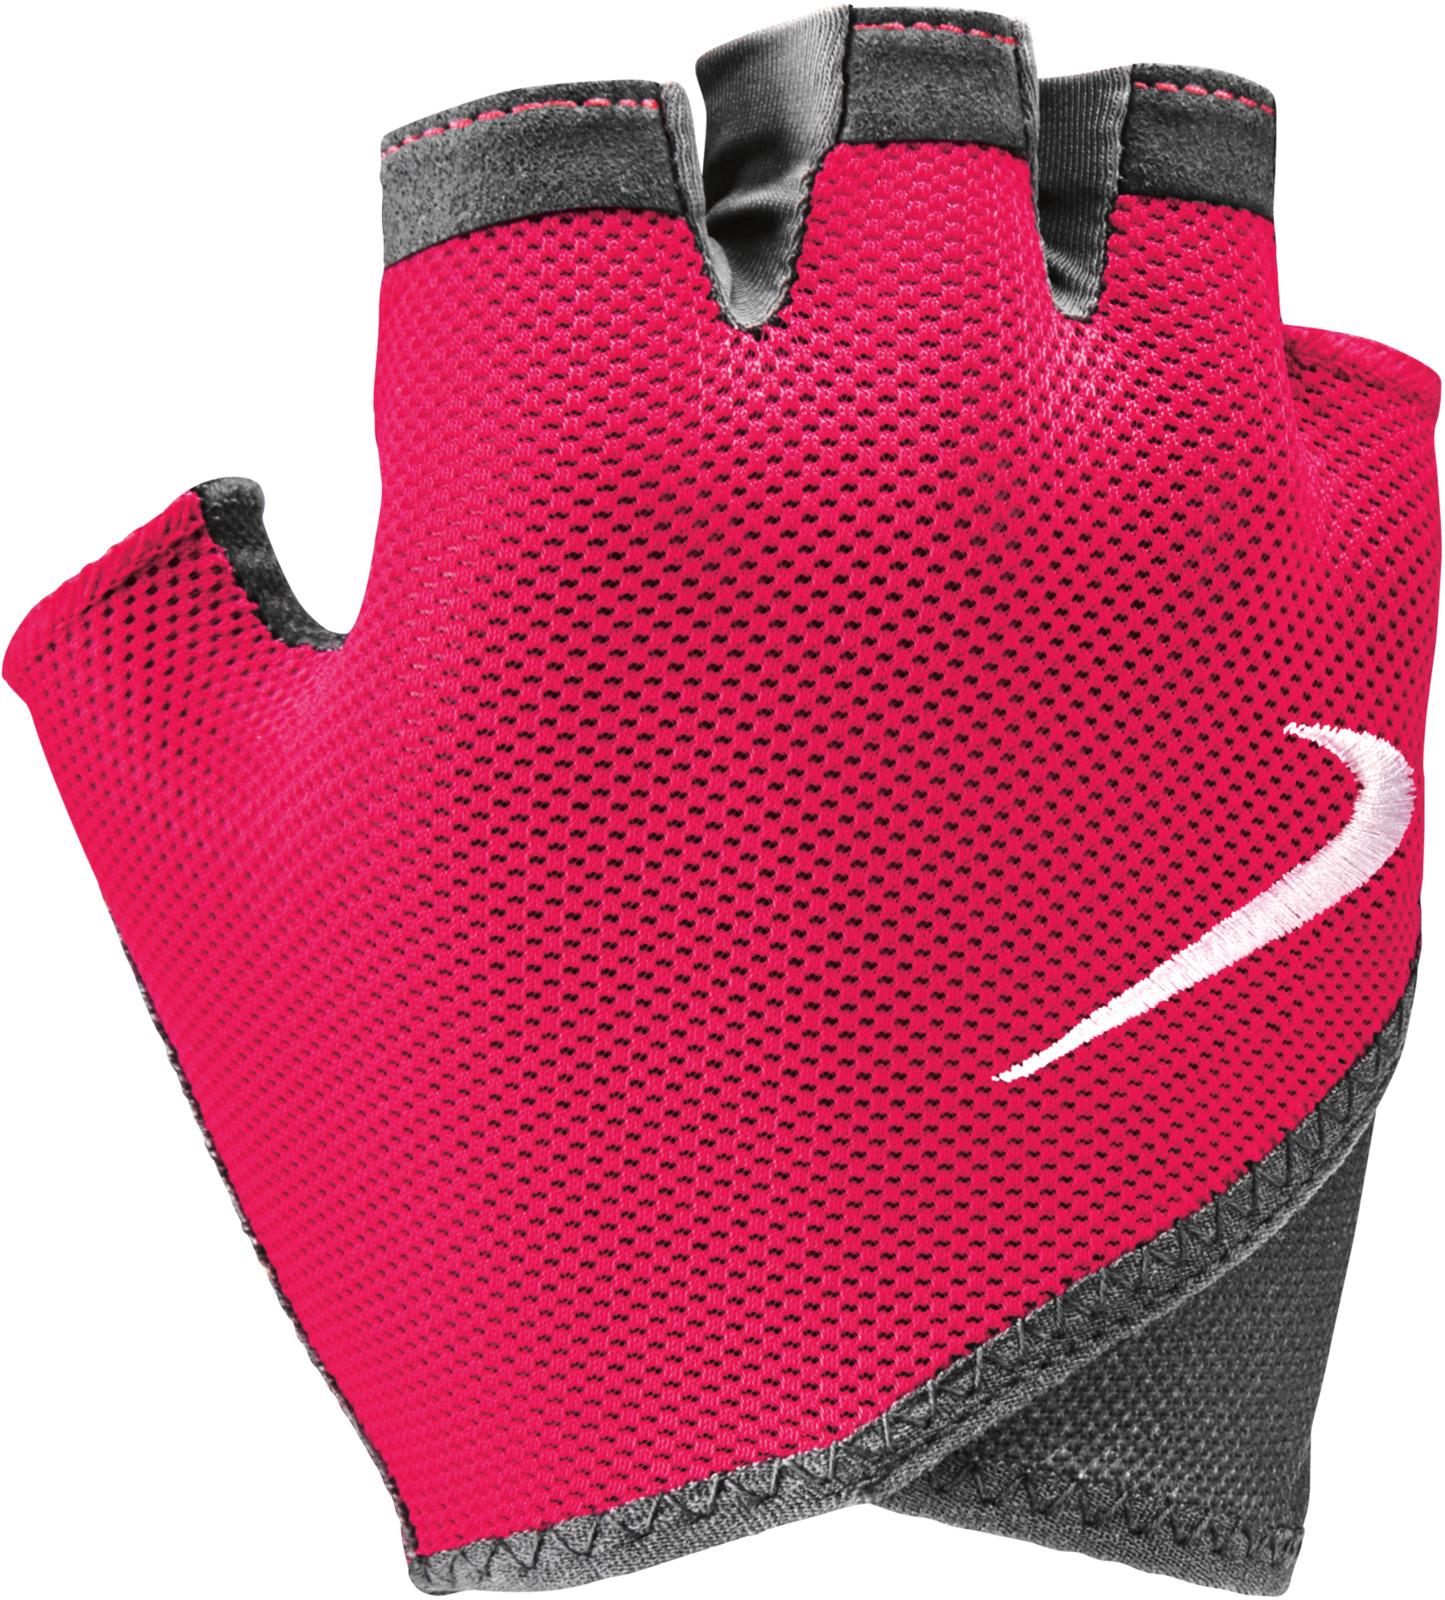 Перчатки для фитнеса Nike, цвет: серый, черный, белый. N.LG.D4.017.MD недорго, оригинальная цена